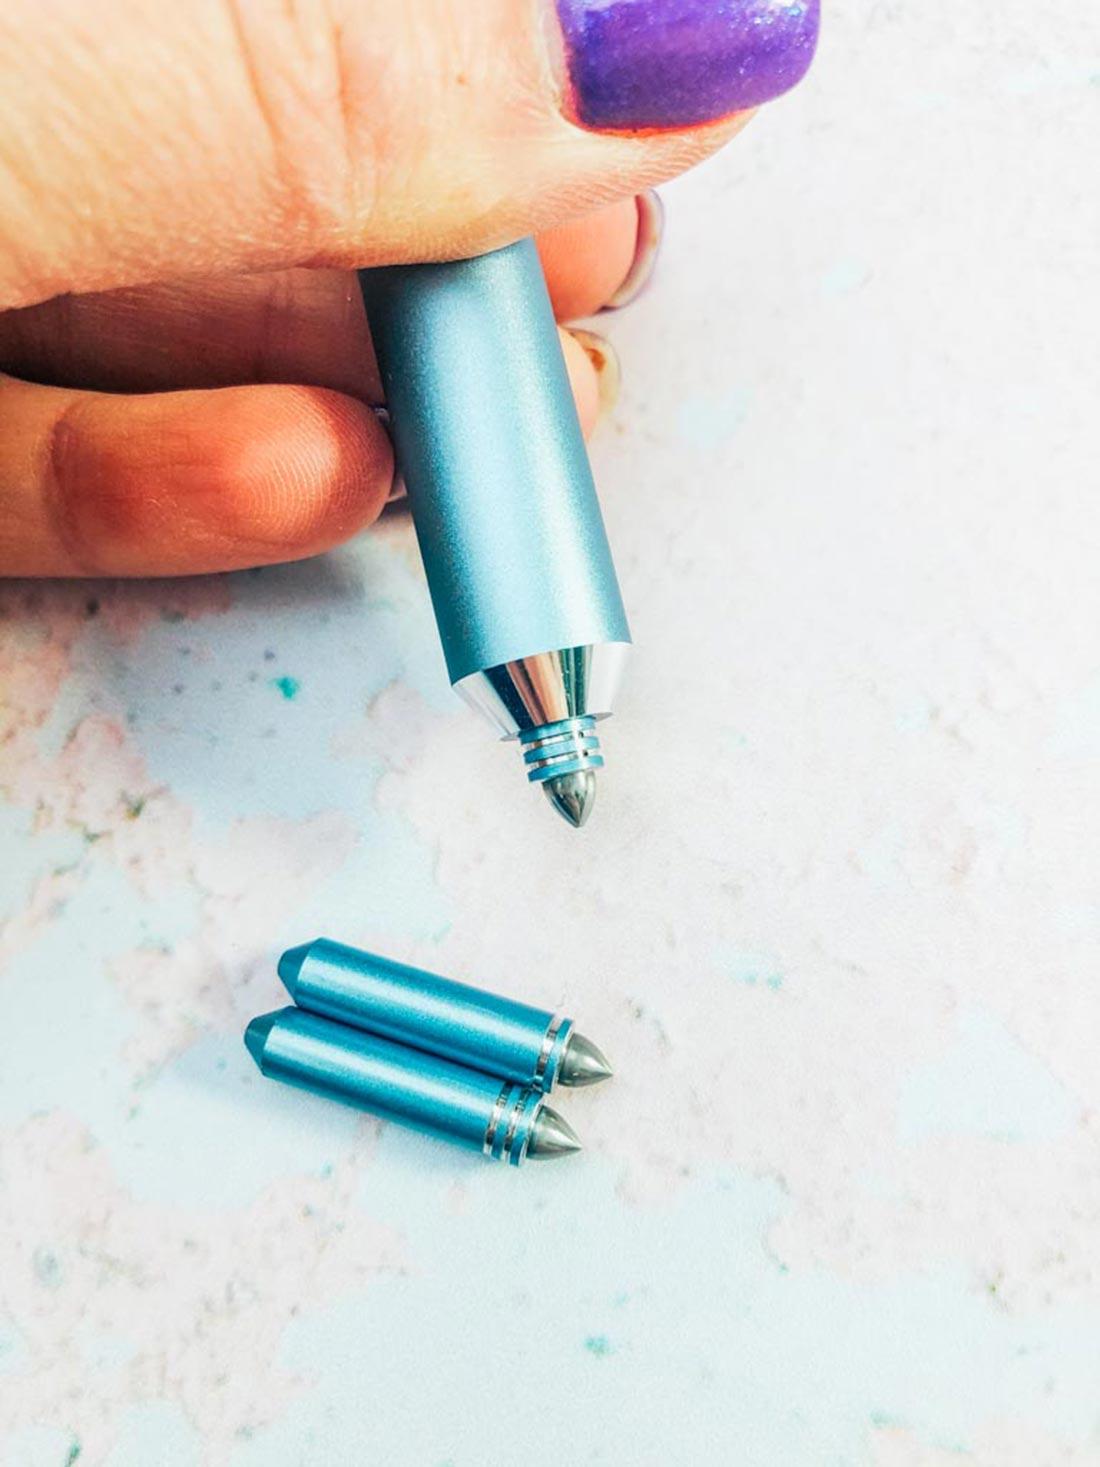 The Cricut foiling tool